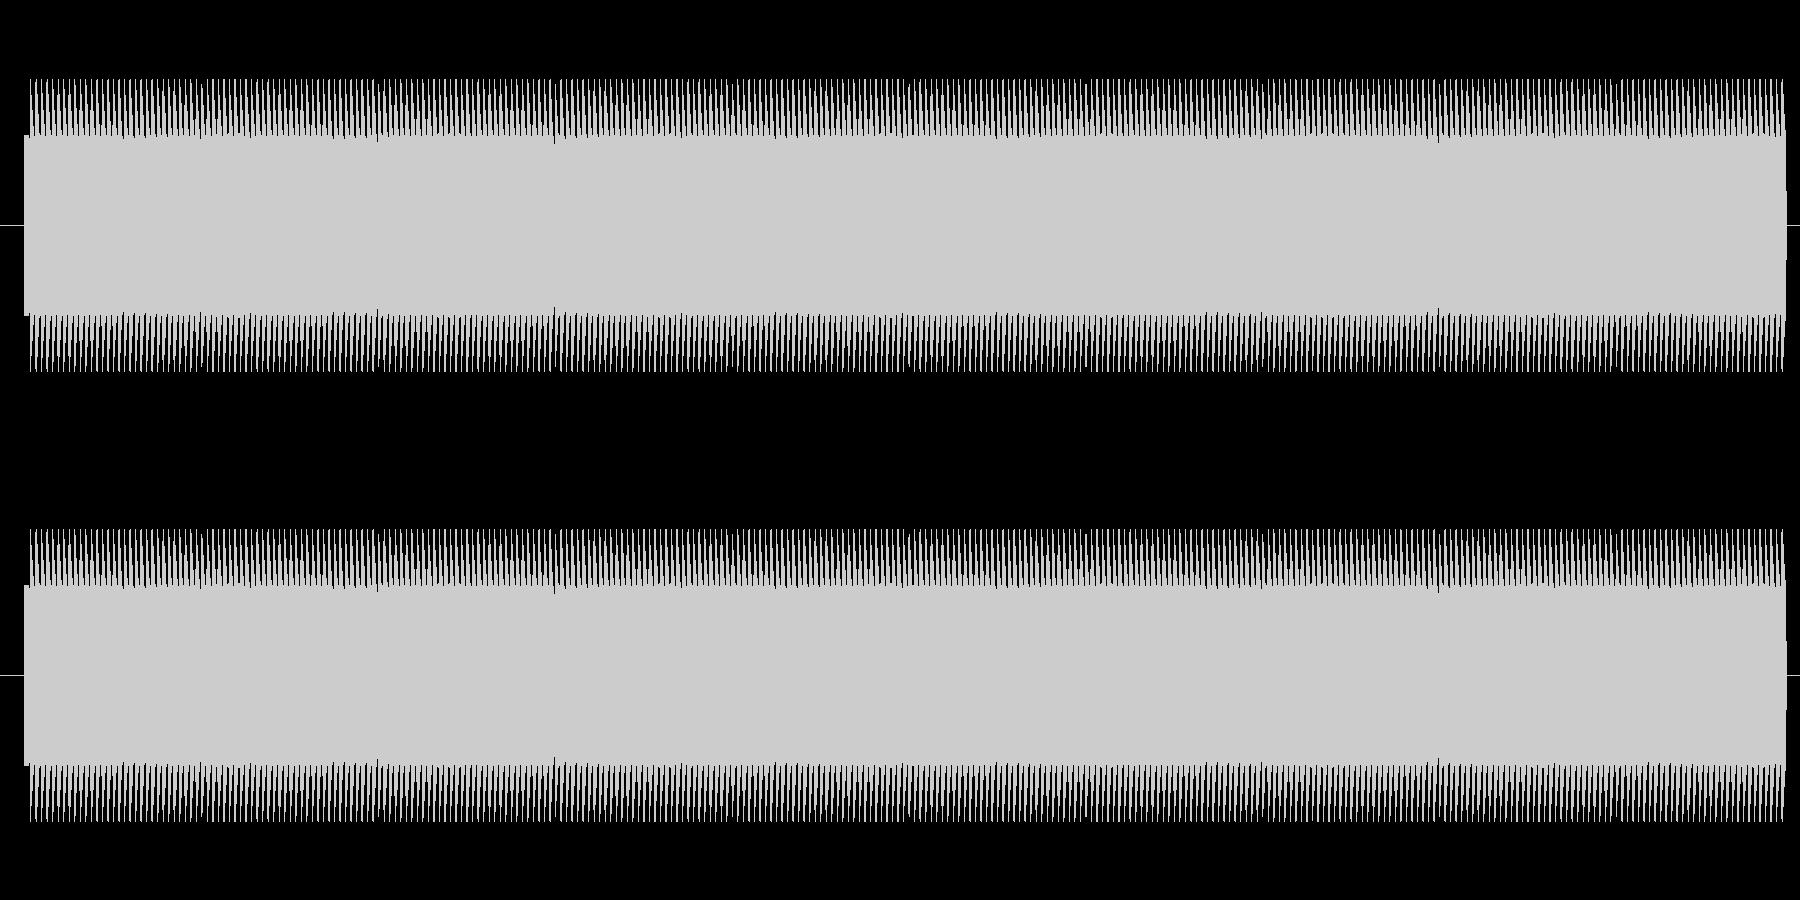 鉄道サウンド 駅発車ベル タイプBの未再生の波形